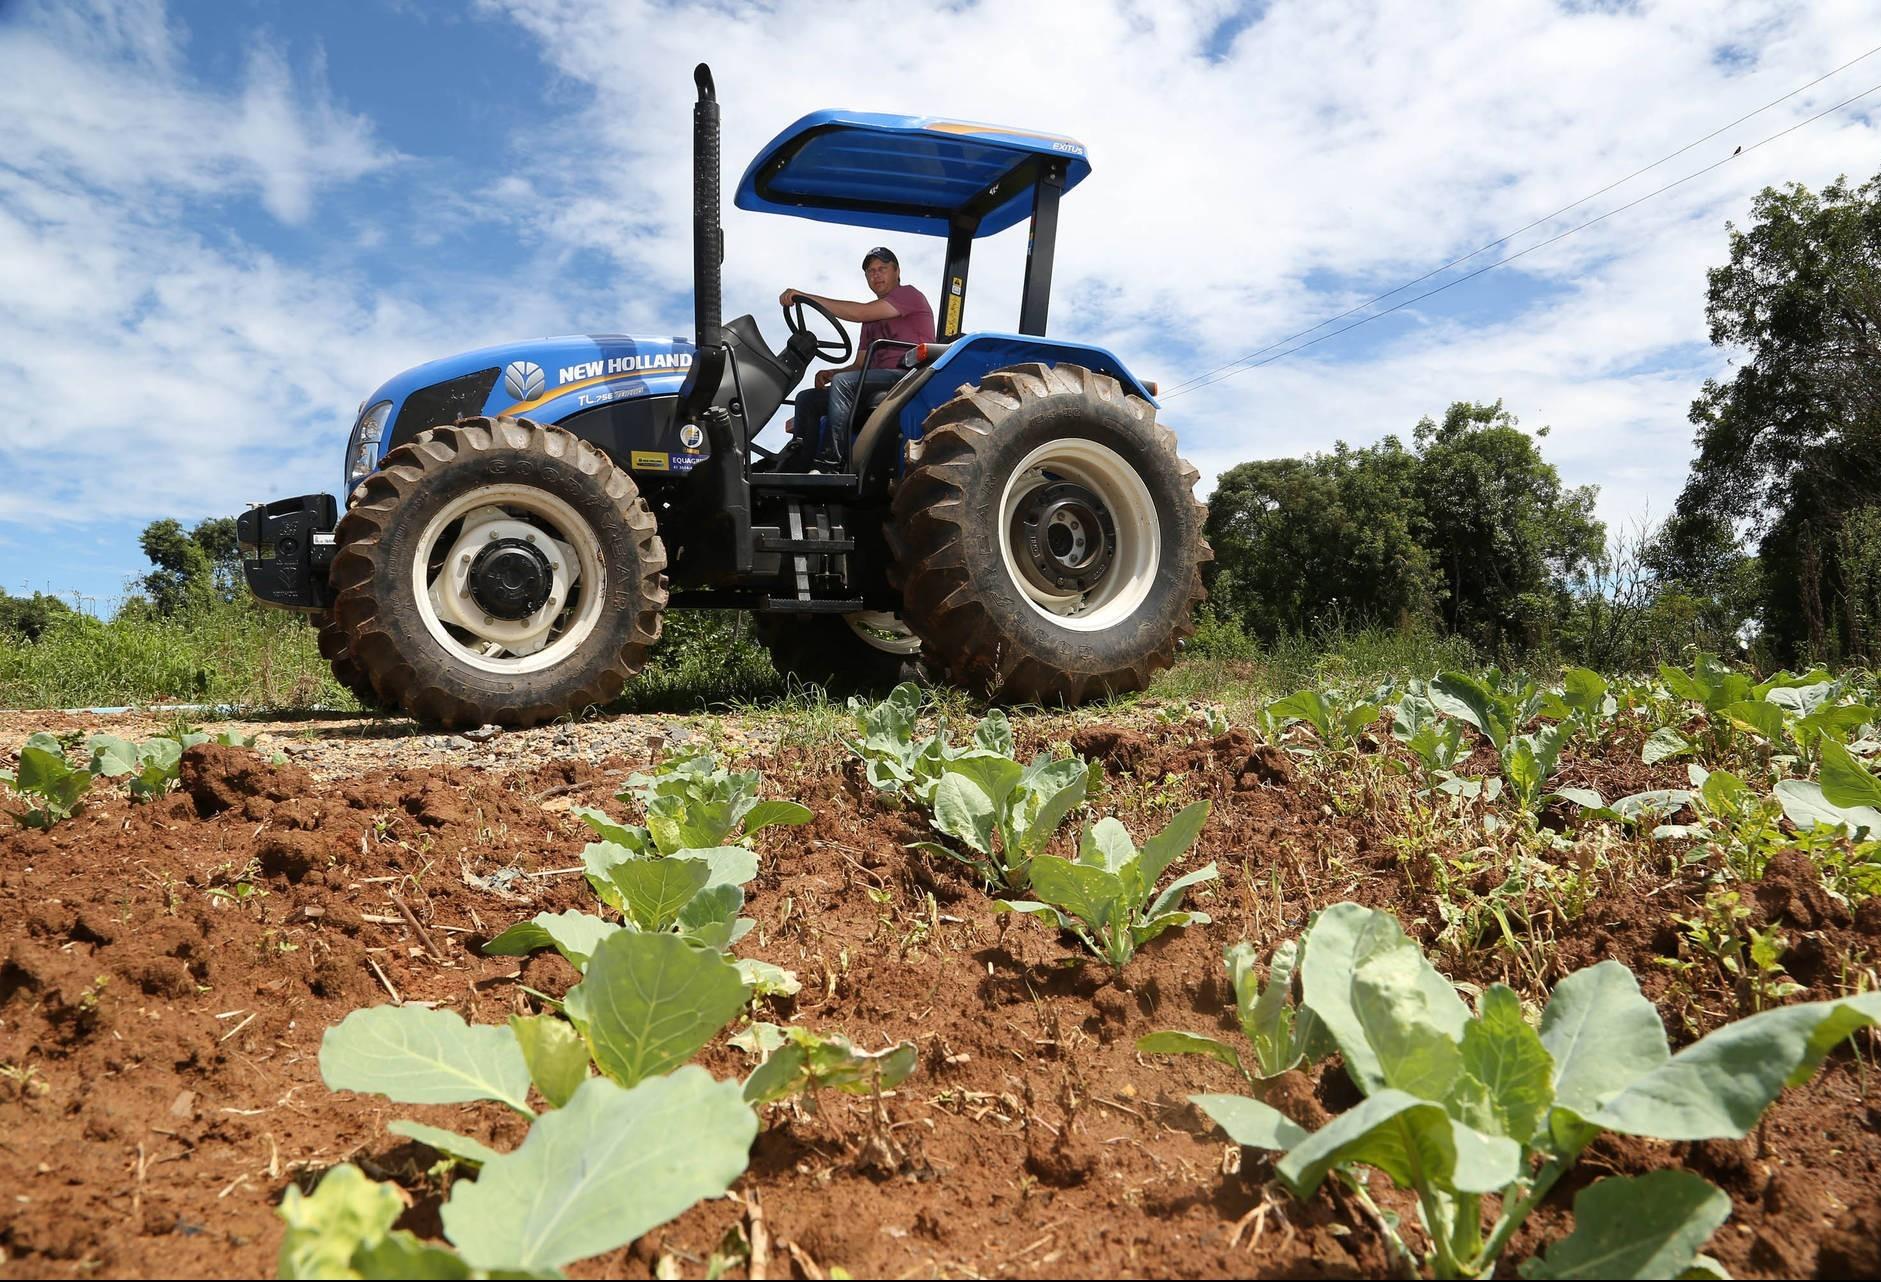 Produtores rurais perdem benefício e terão de pagar mais pela energia elétrica